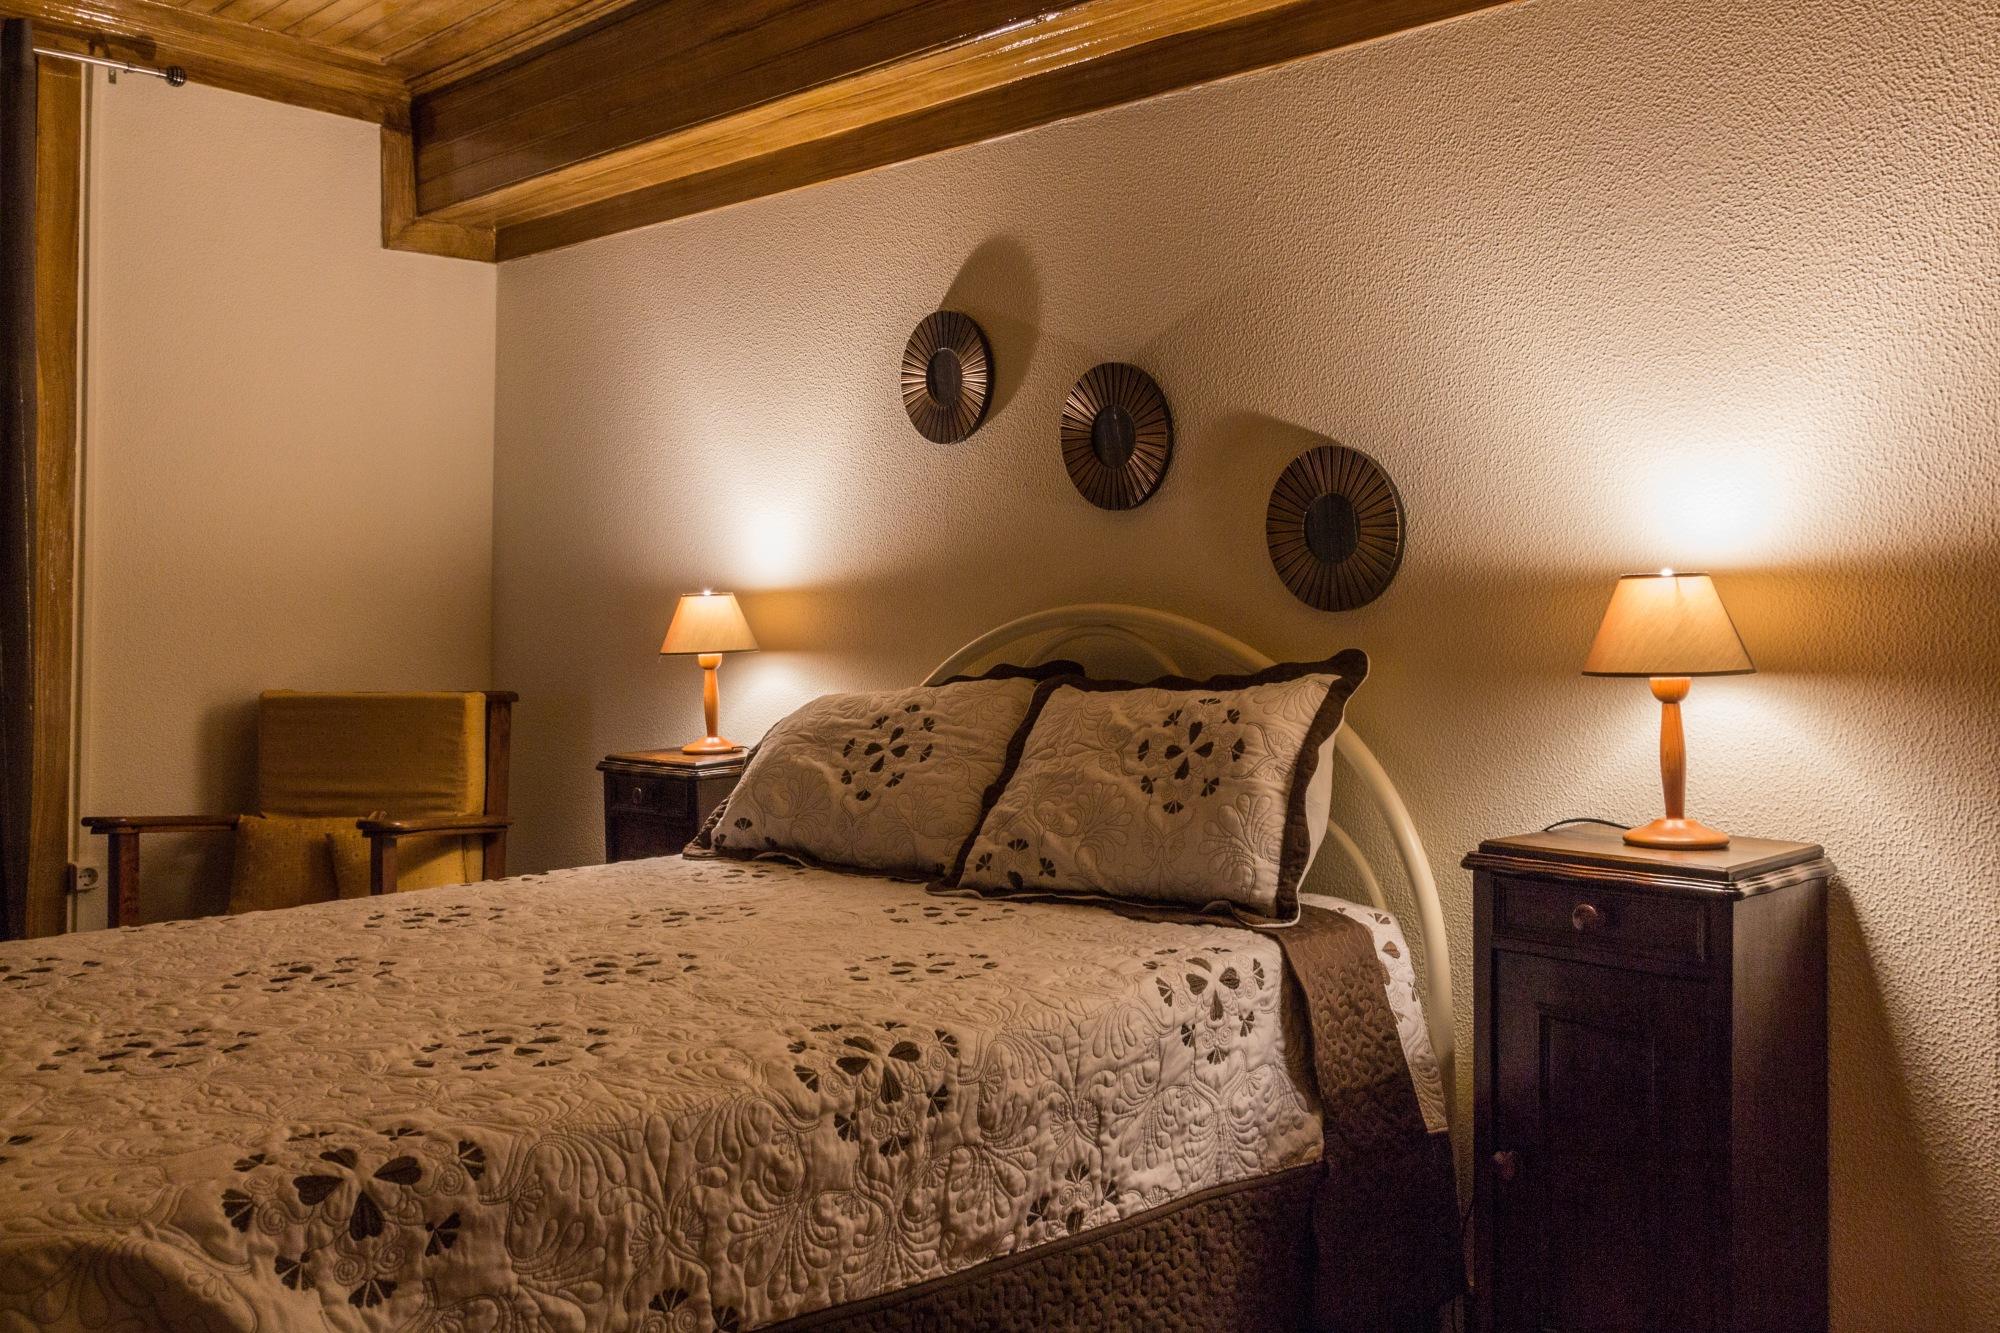 Cabeceira cama 1 - Casa da Várzea